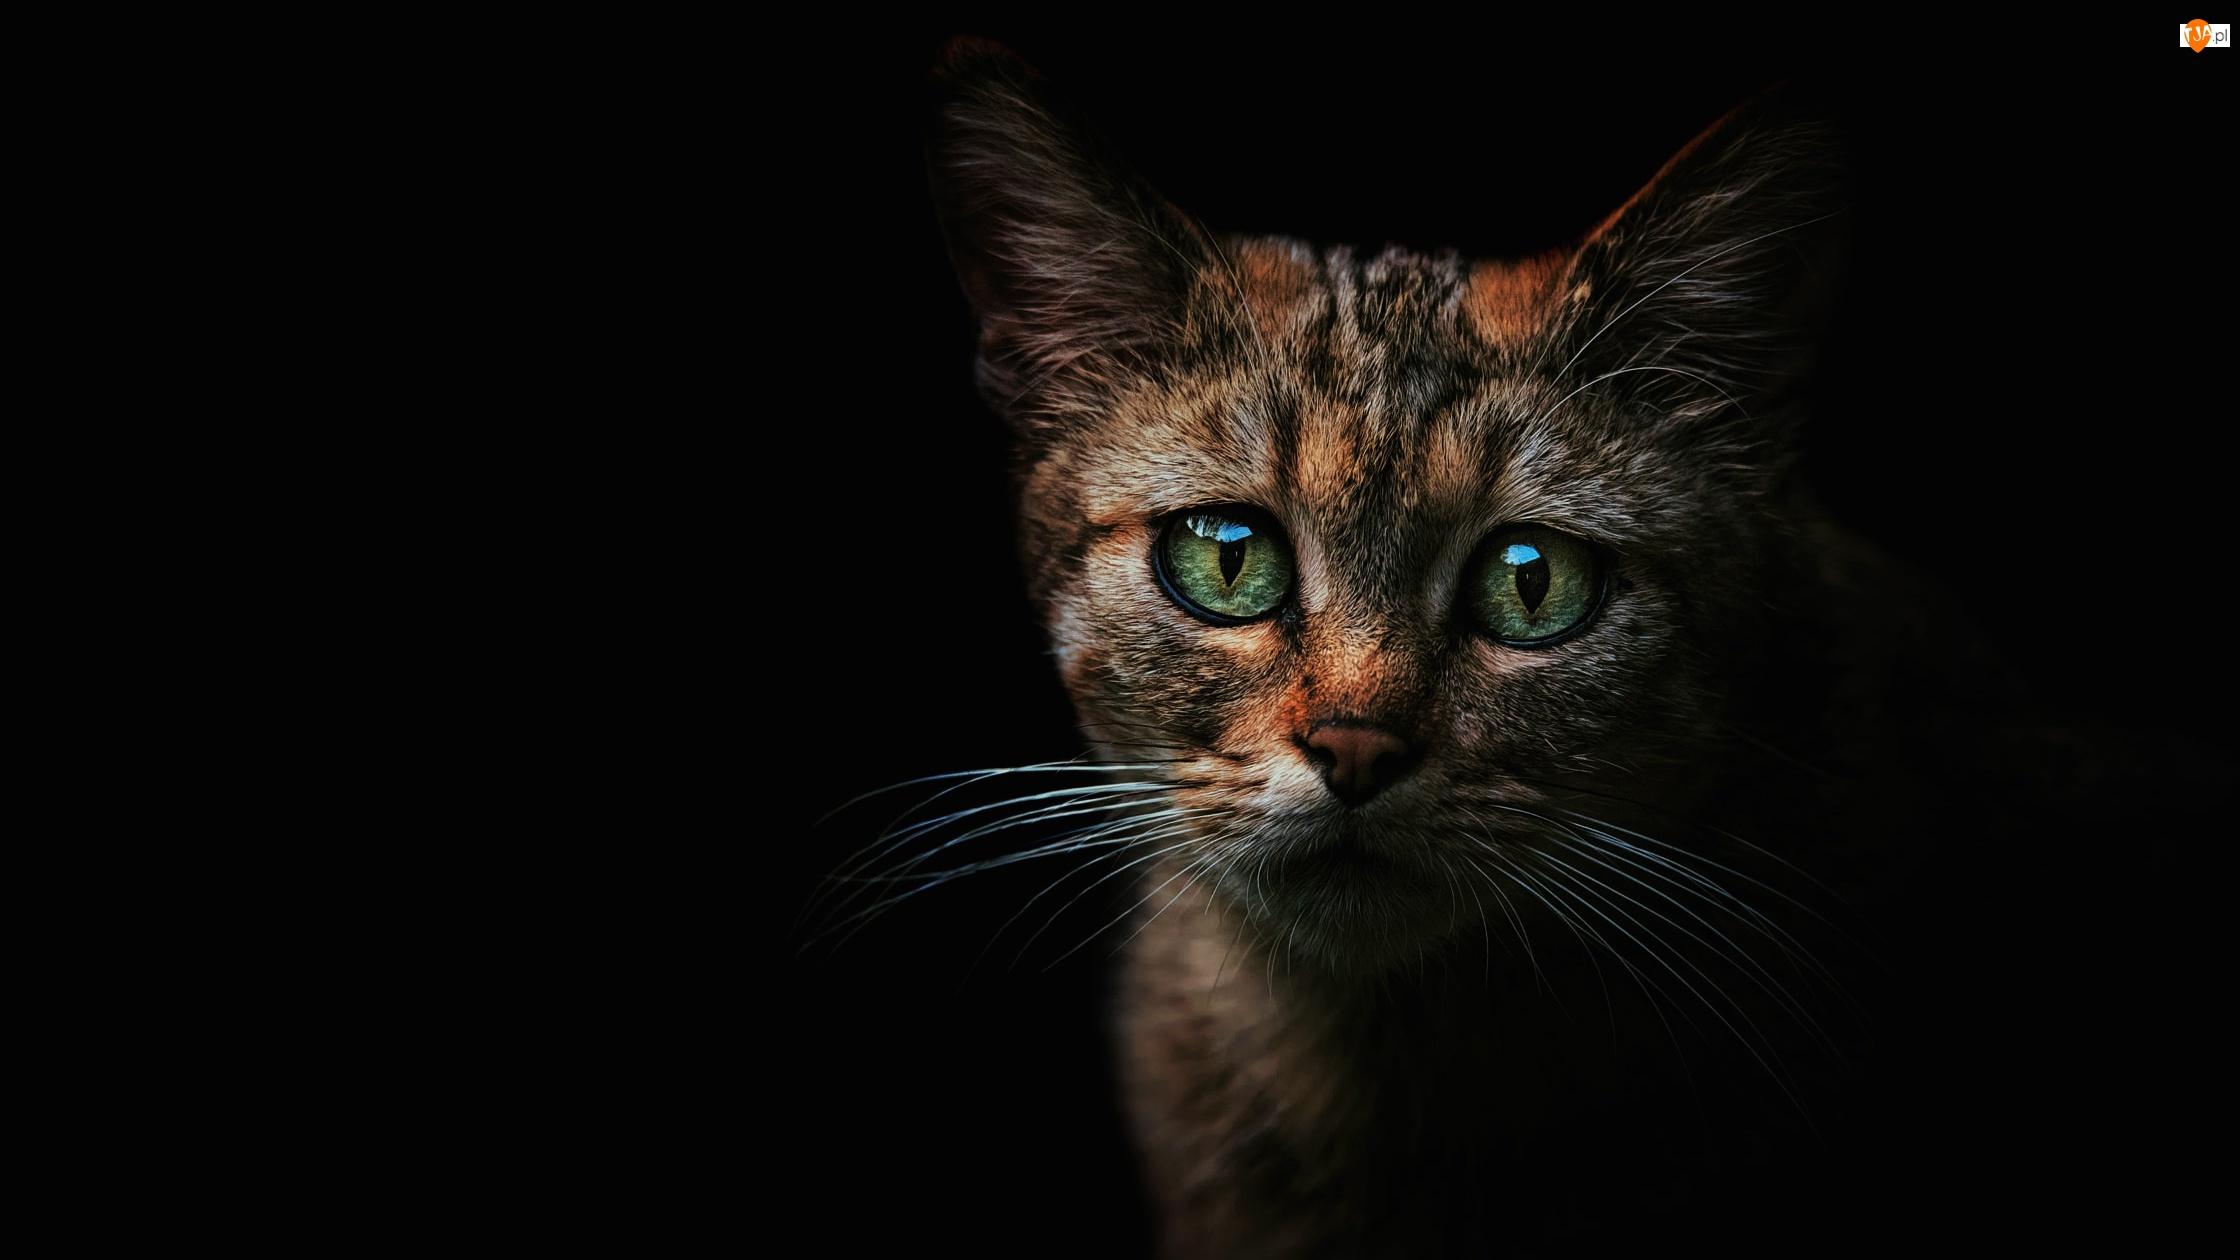 Kot, Mały, Zielone, Czarne tło, Smutne, Oczy